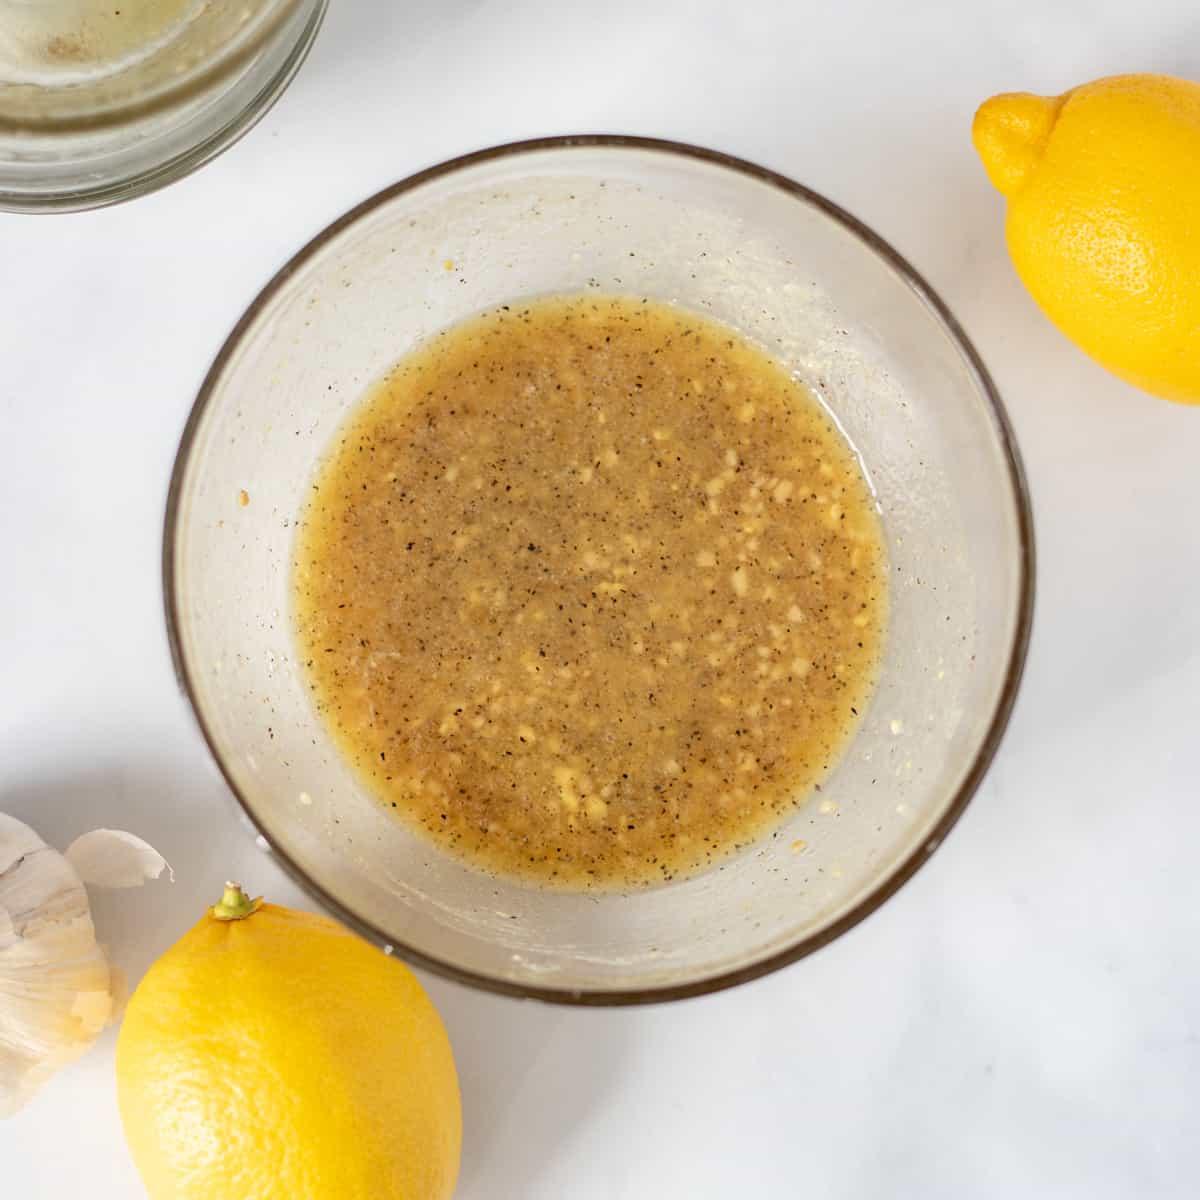 Honey Garlic Lemon Marinade mixed together in small mixing bowl.